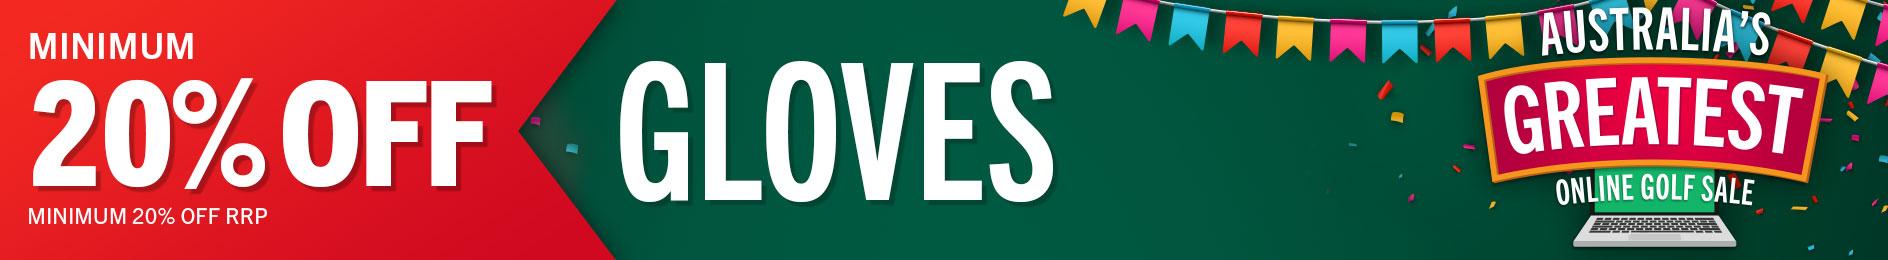 online-cat-banner-gloves.jpg